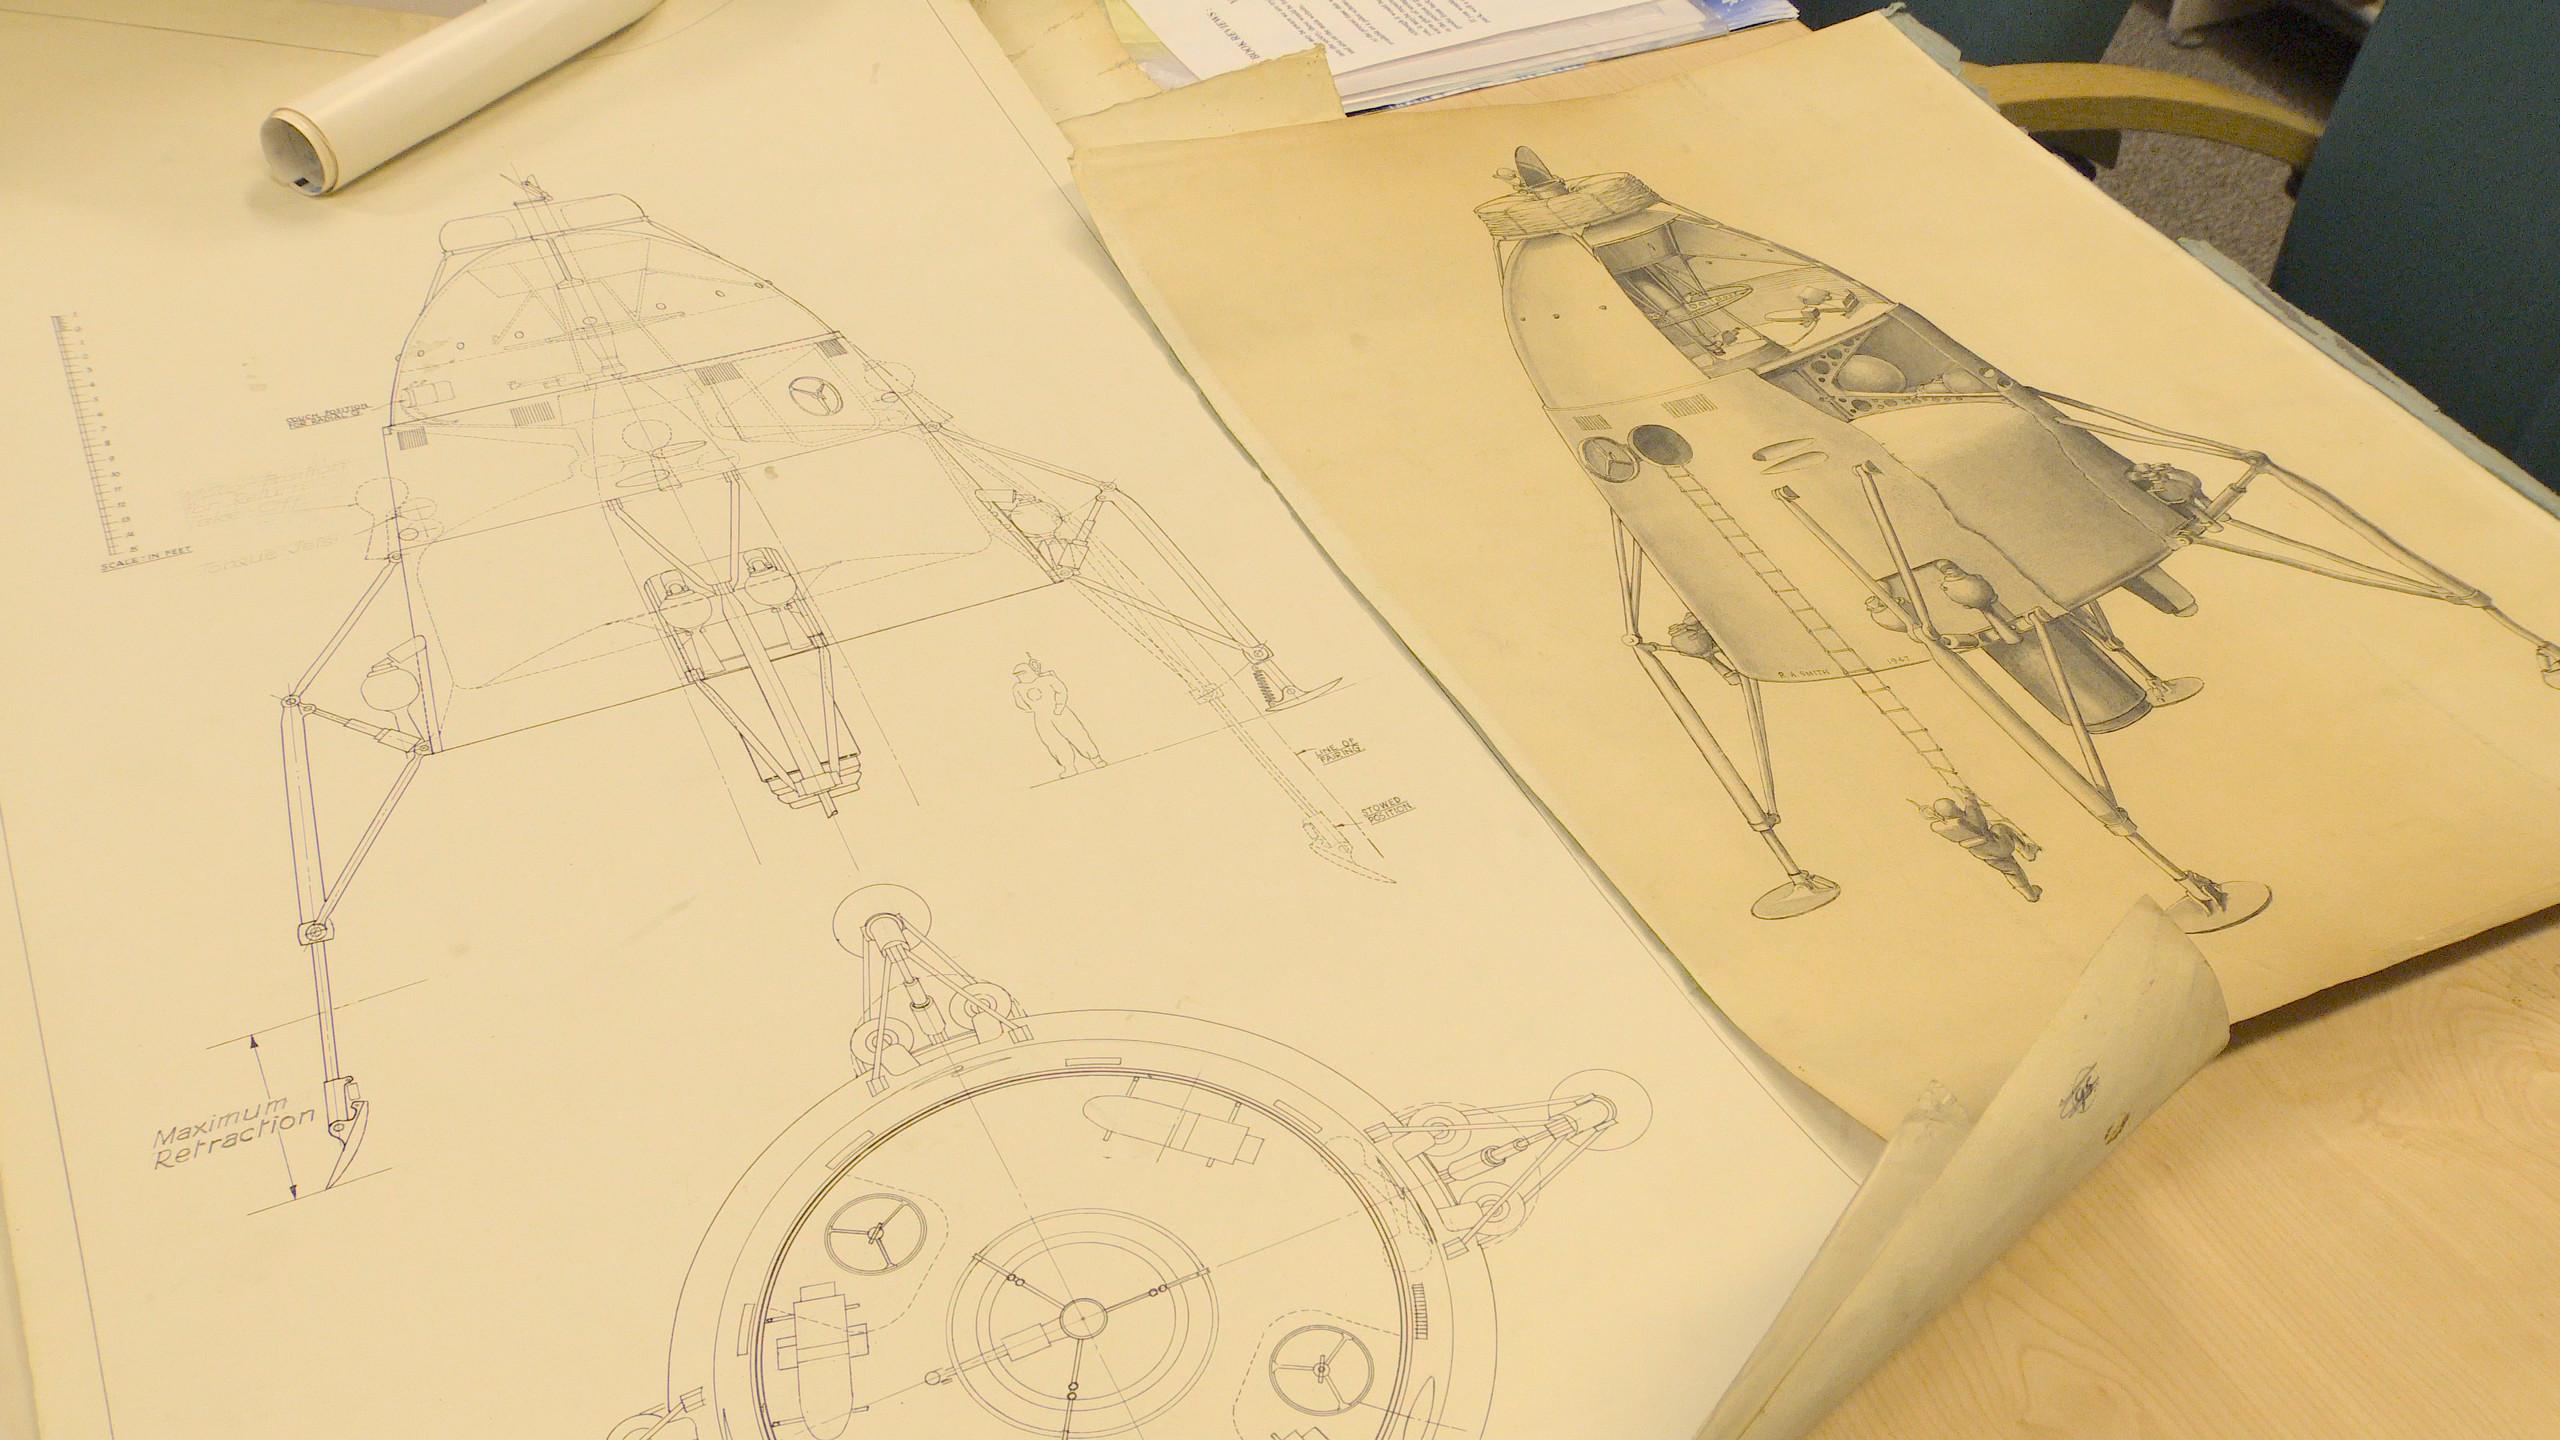 イギリスが計画していた月面着陸の設計図と絵